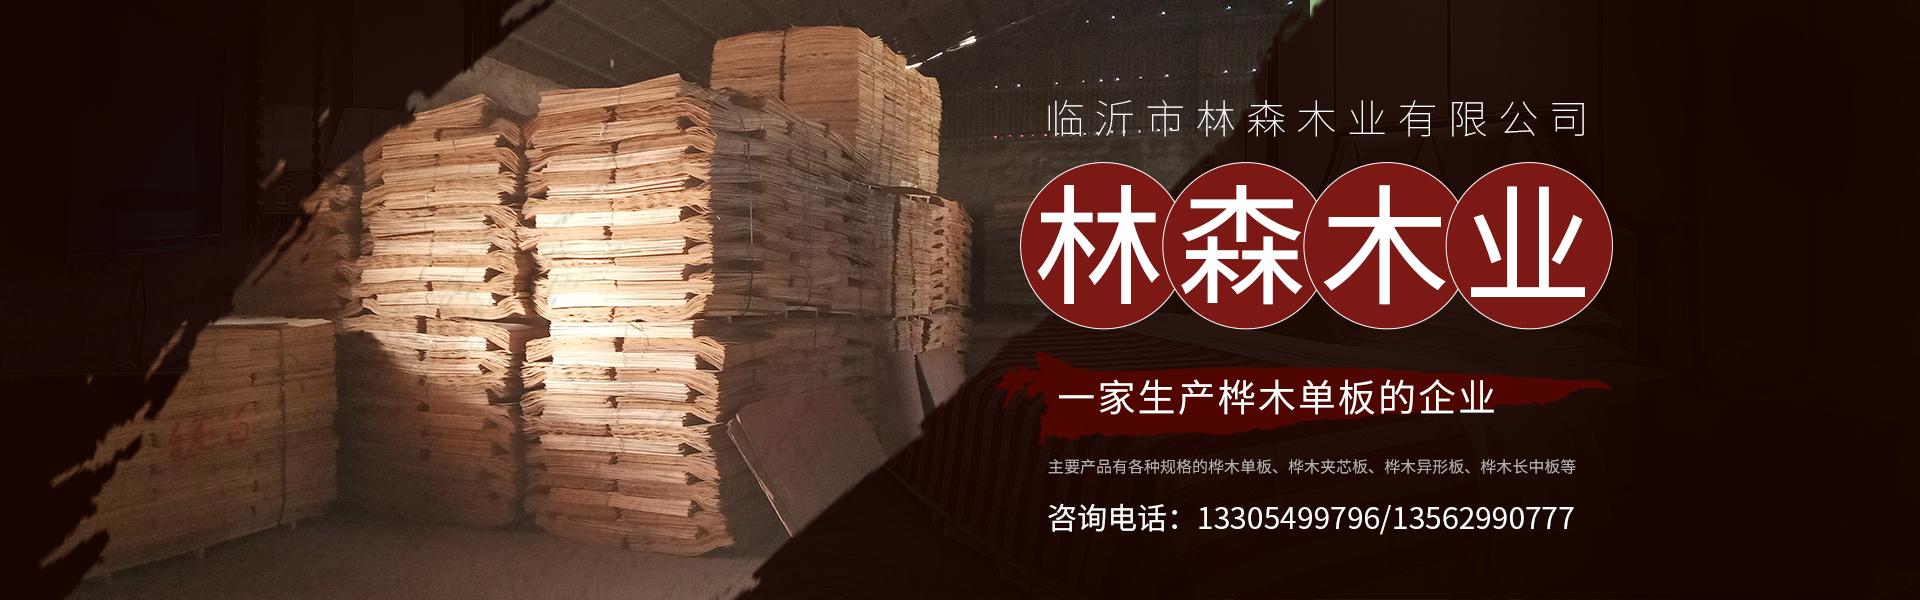 临沂林森木业-专业生产各种规格的桦木长中板,桦木单板,桦木异形板,桦木夹芯板